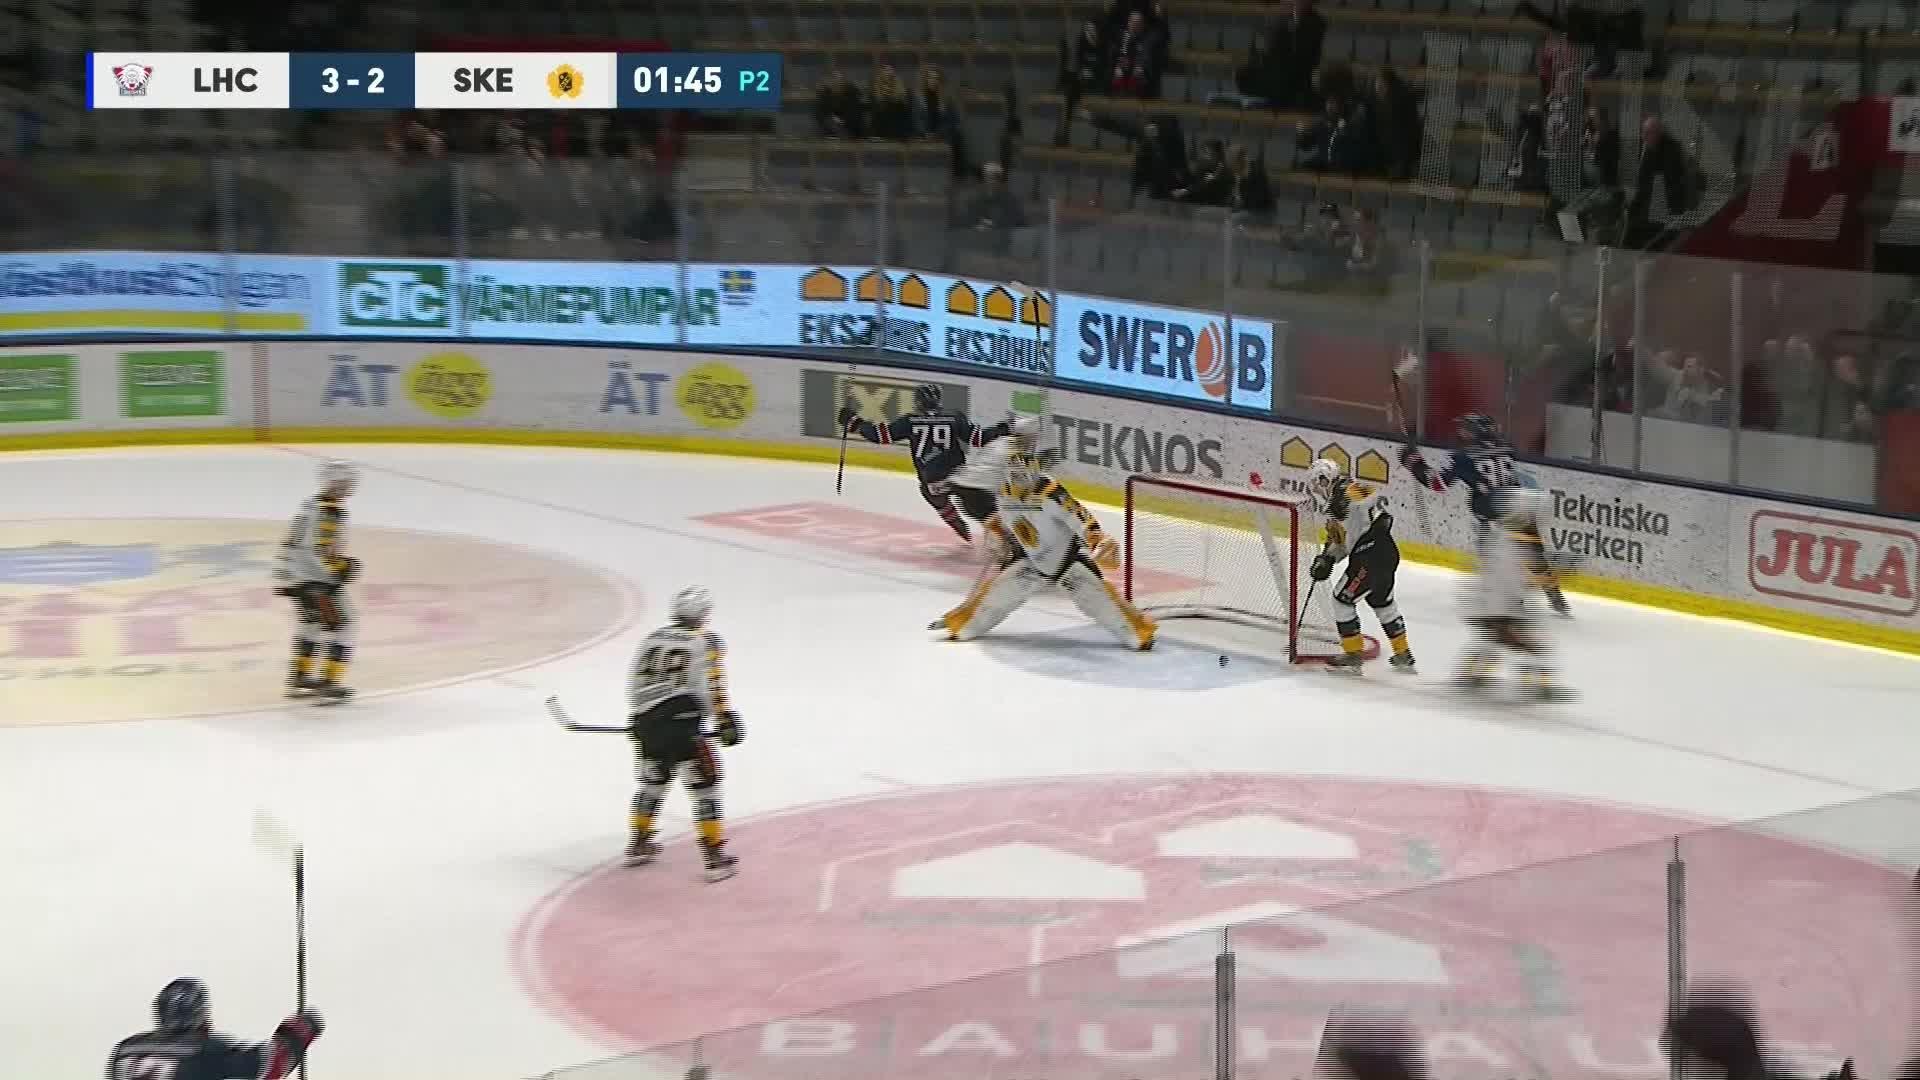 Linköping HC - Skellefteå AIK 4-2